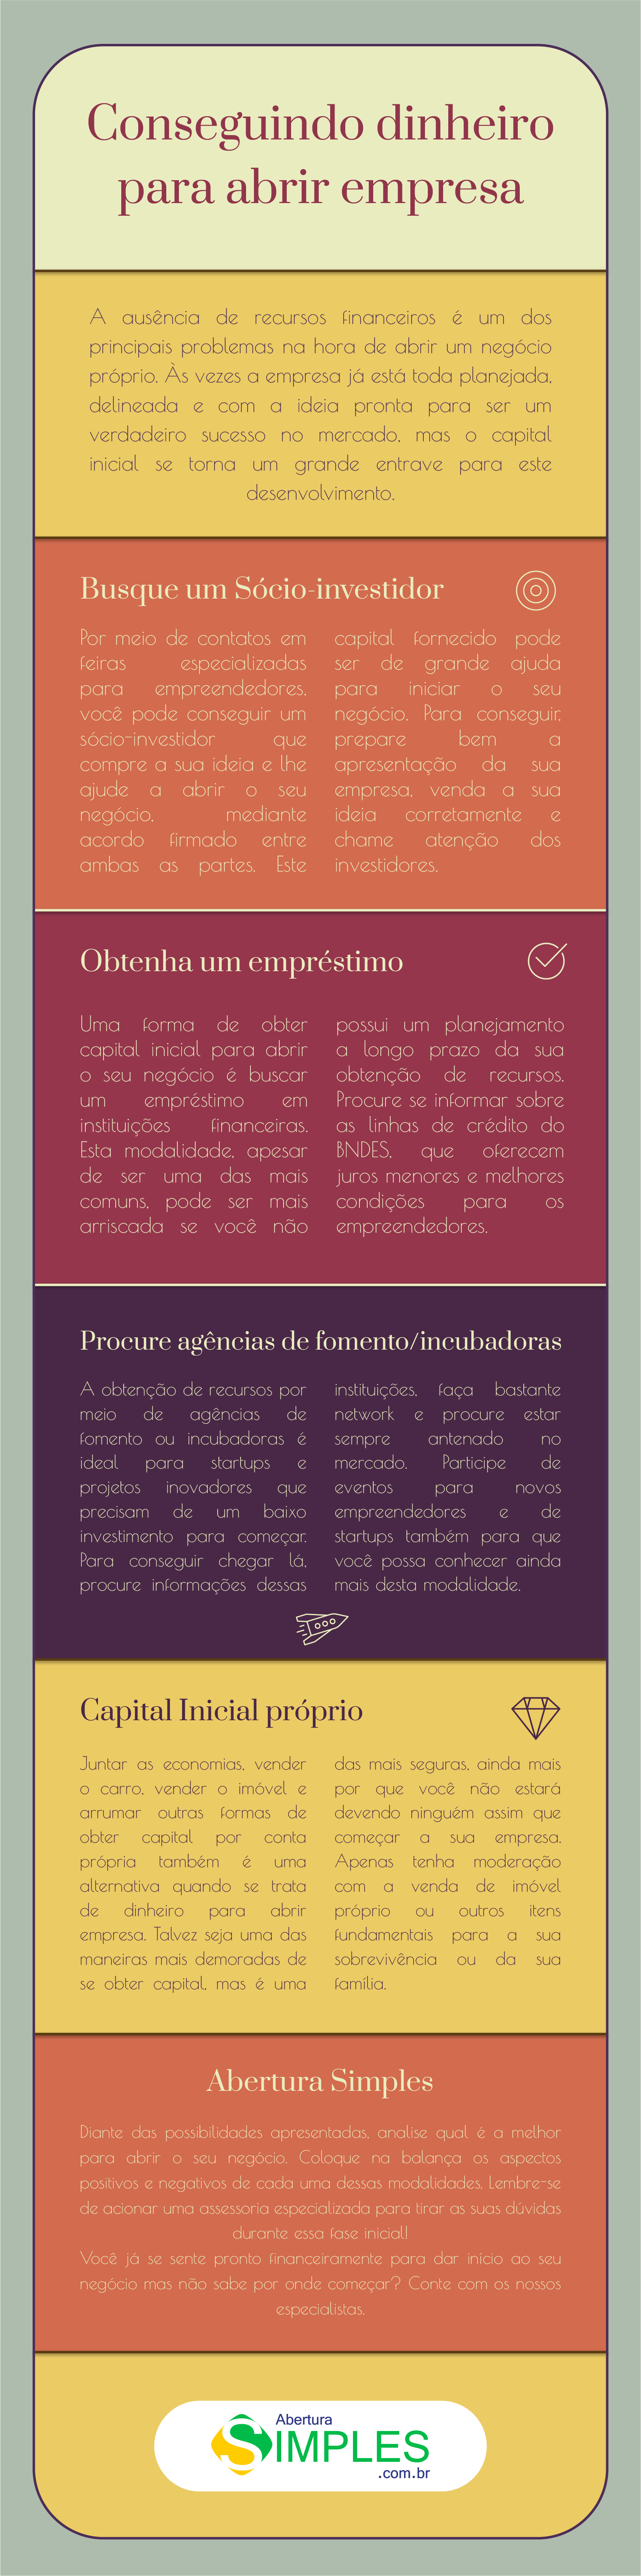 Imagem de um infográfico que mostra algumas dicas de como conseguir capital para abrir a sua empresa